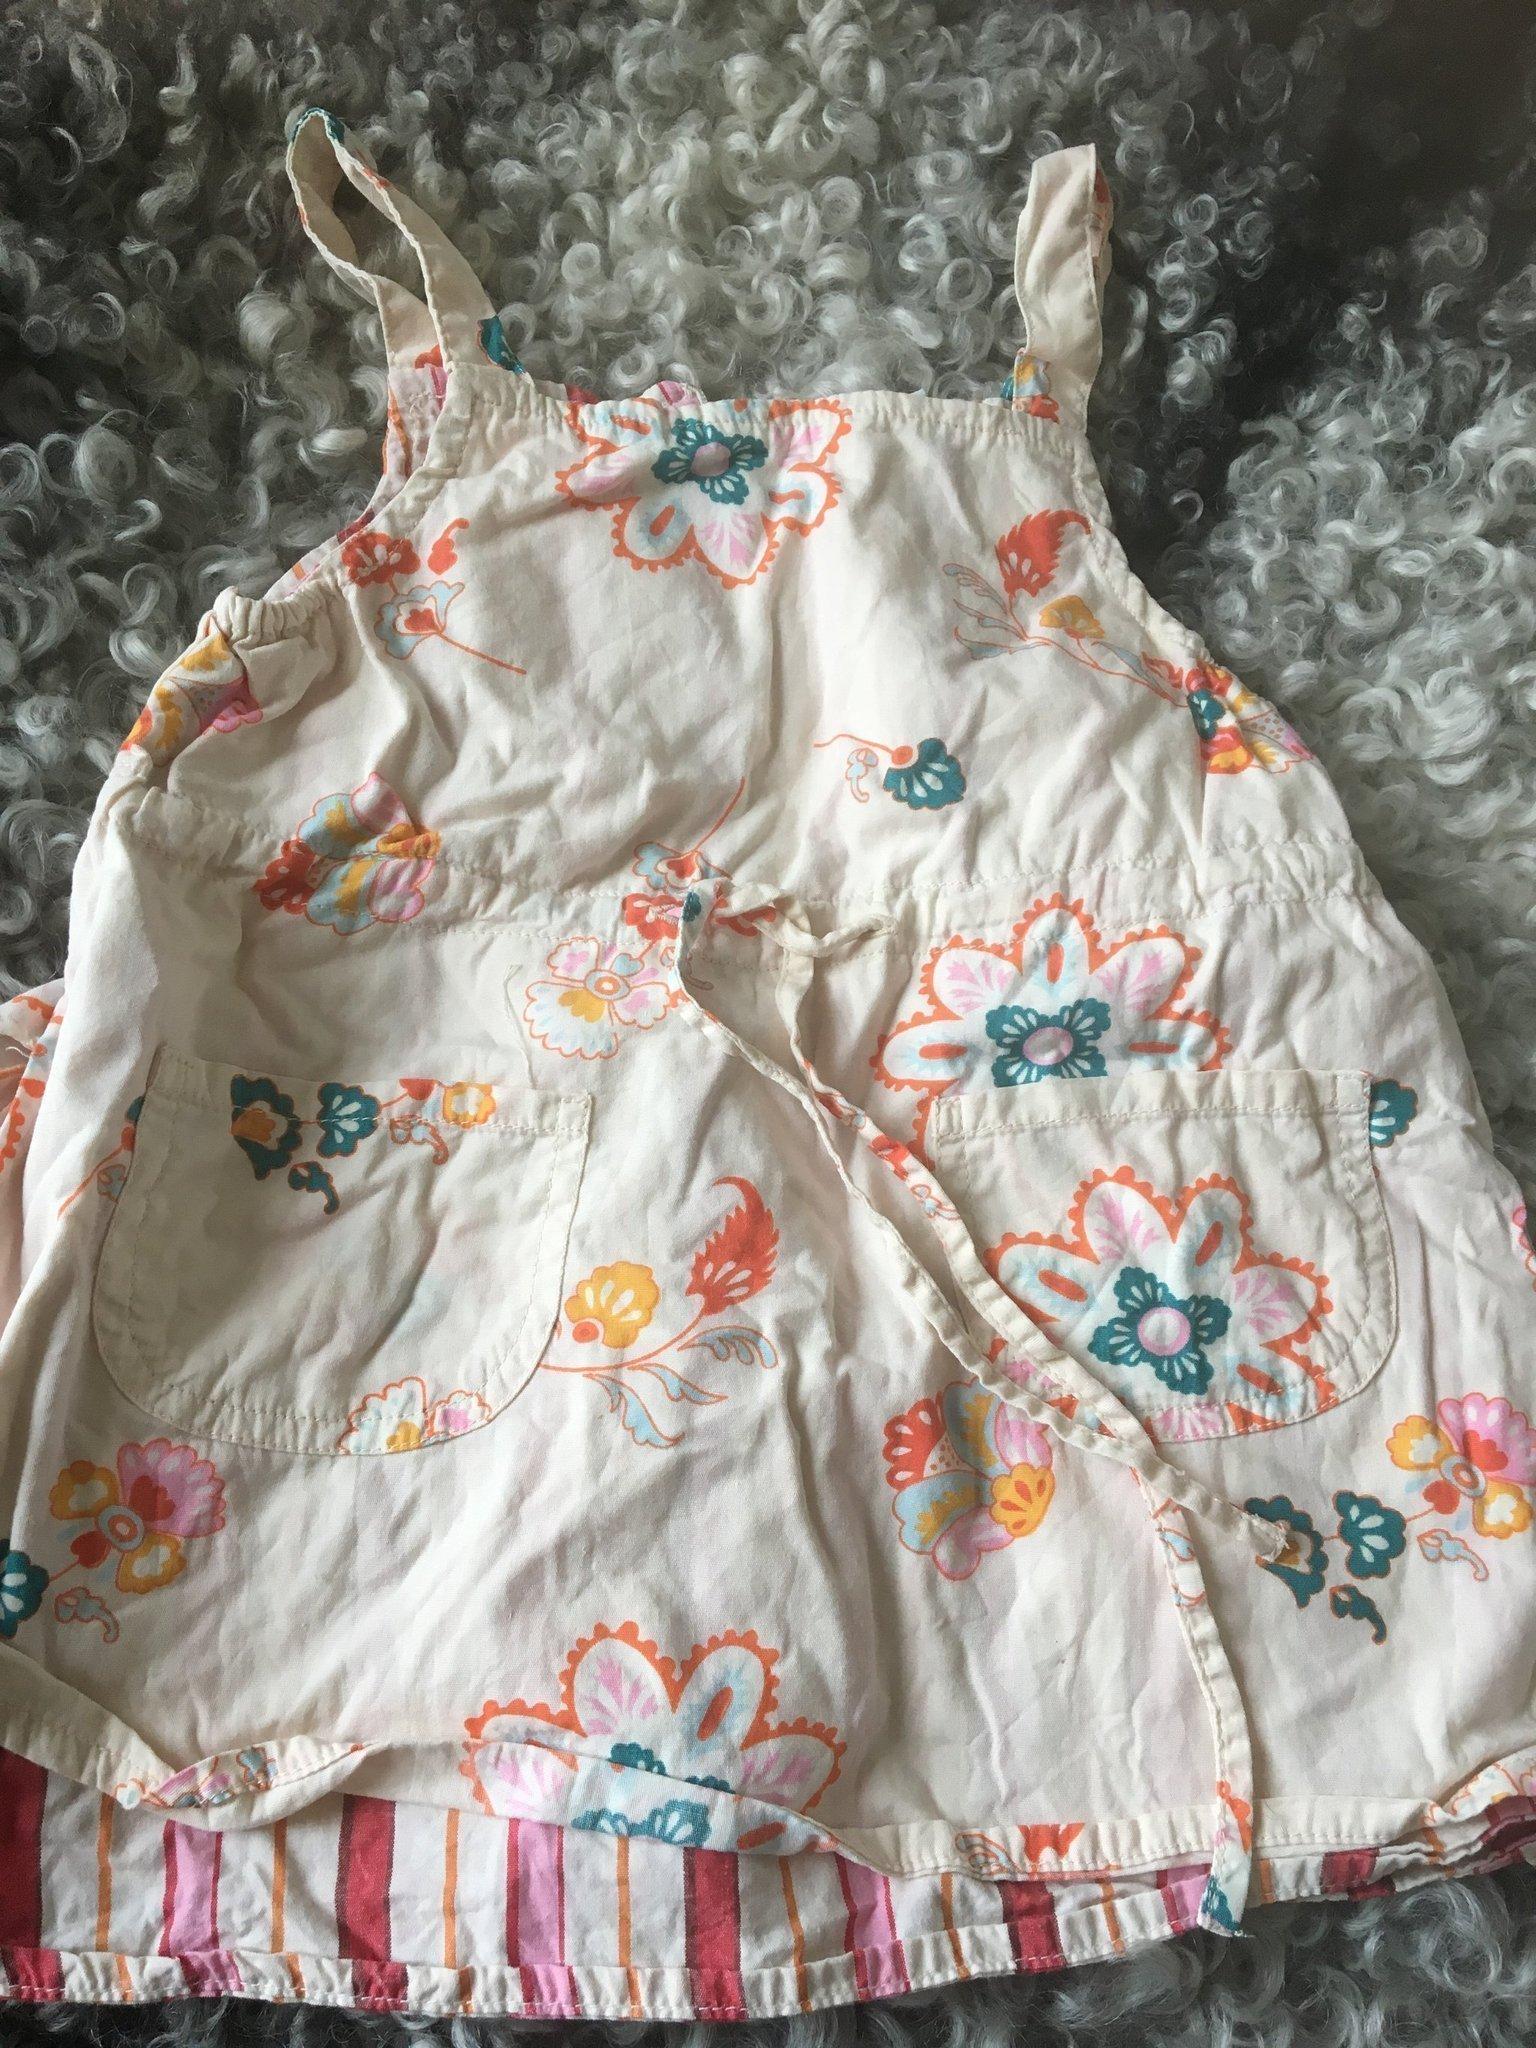 52ec9e14c8d5 Söt somrig klänning i st 74. 100% bomull (354620020) ᐈ Köp på Tradera